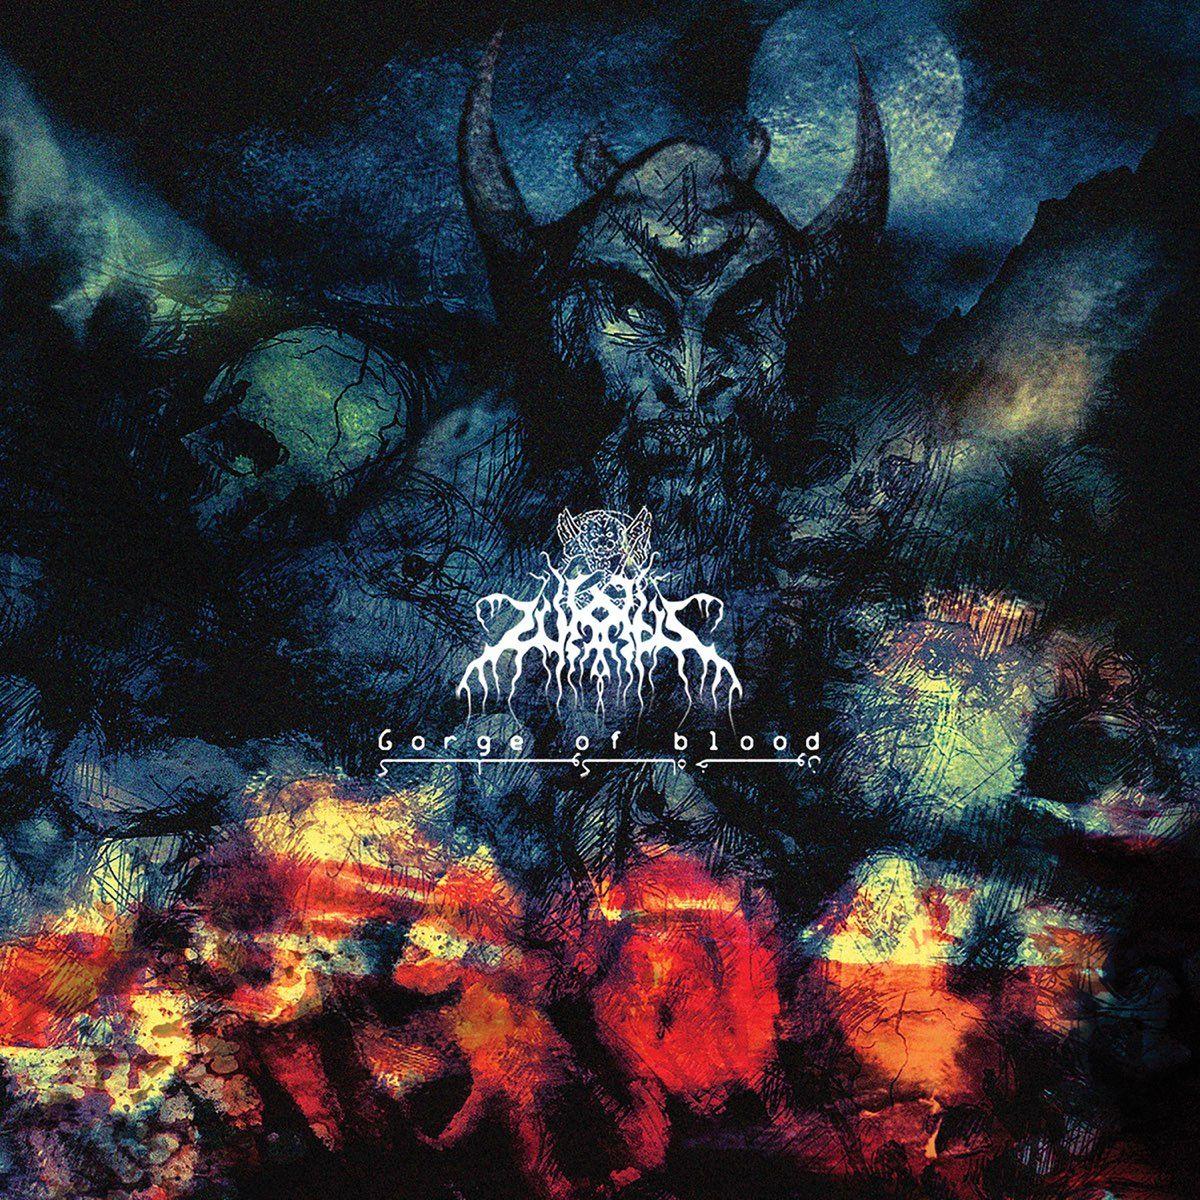 Zurvan (IRN) - Gorge of Blood